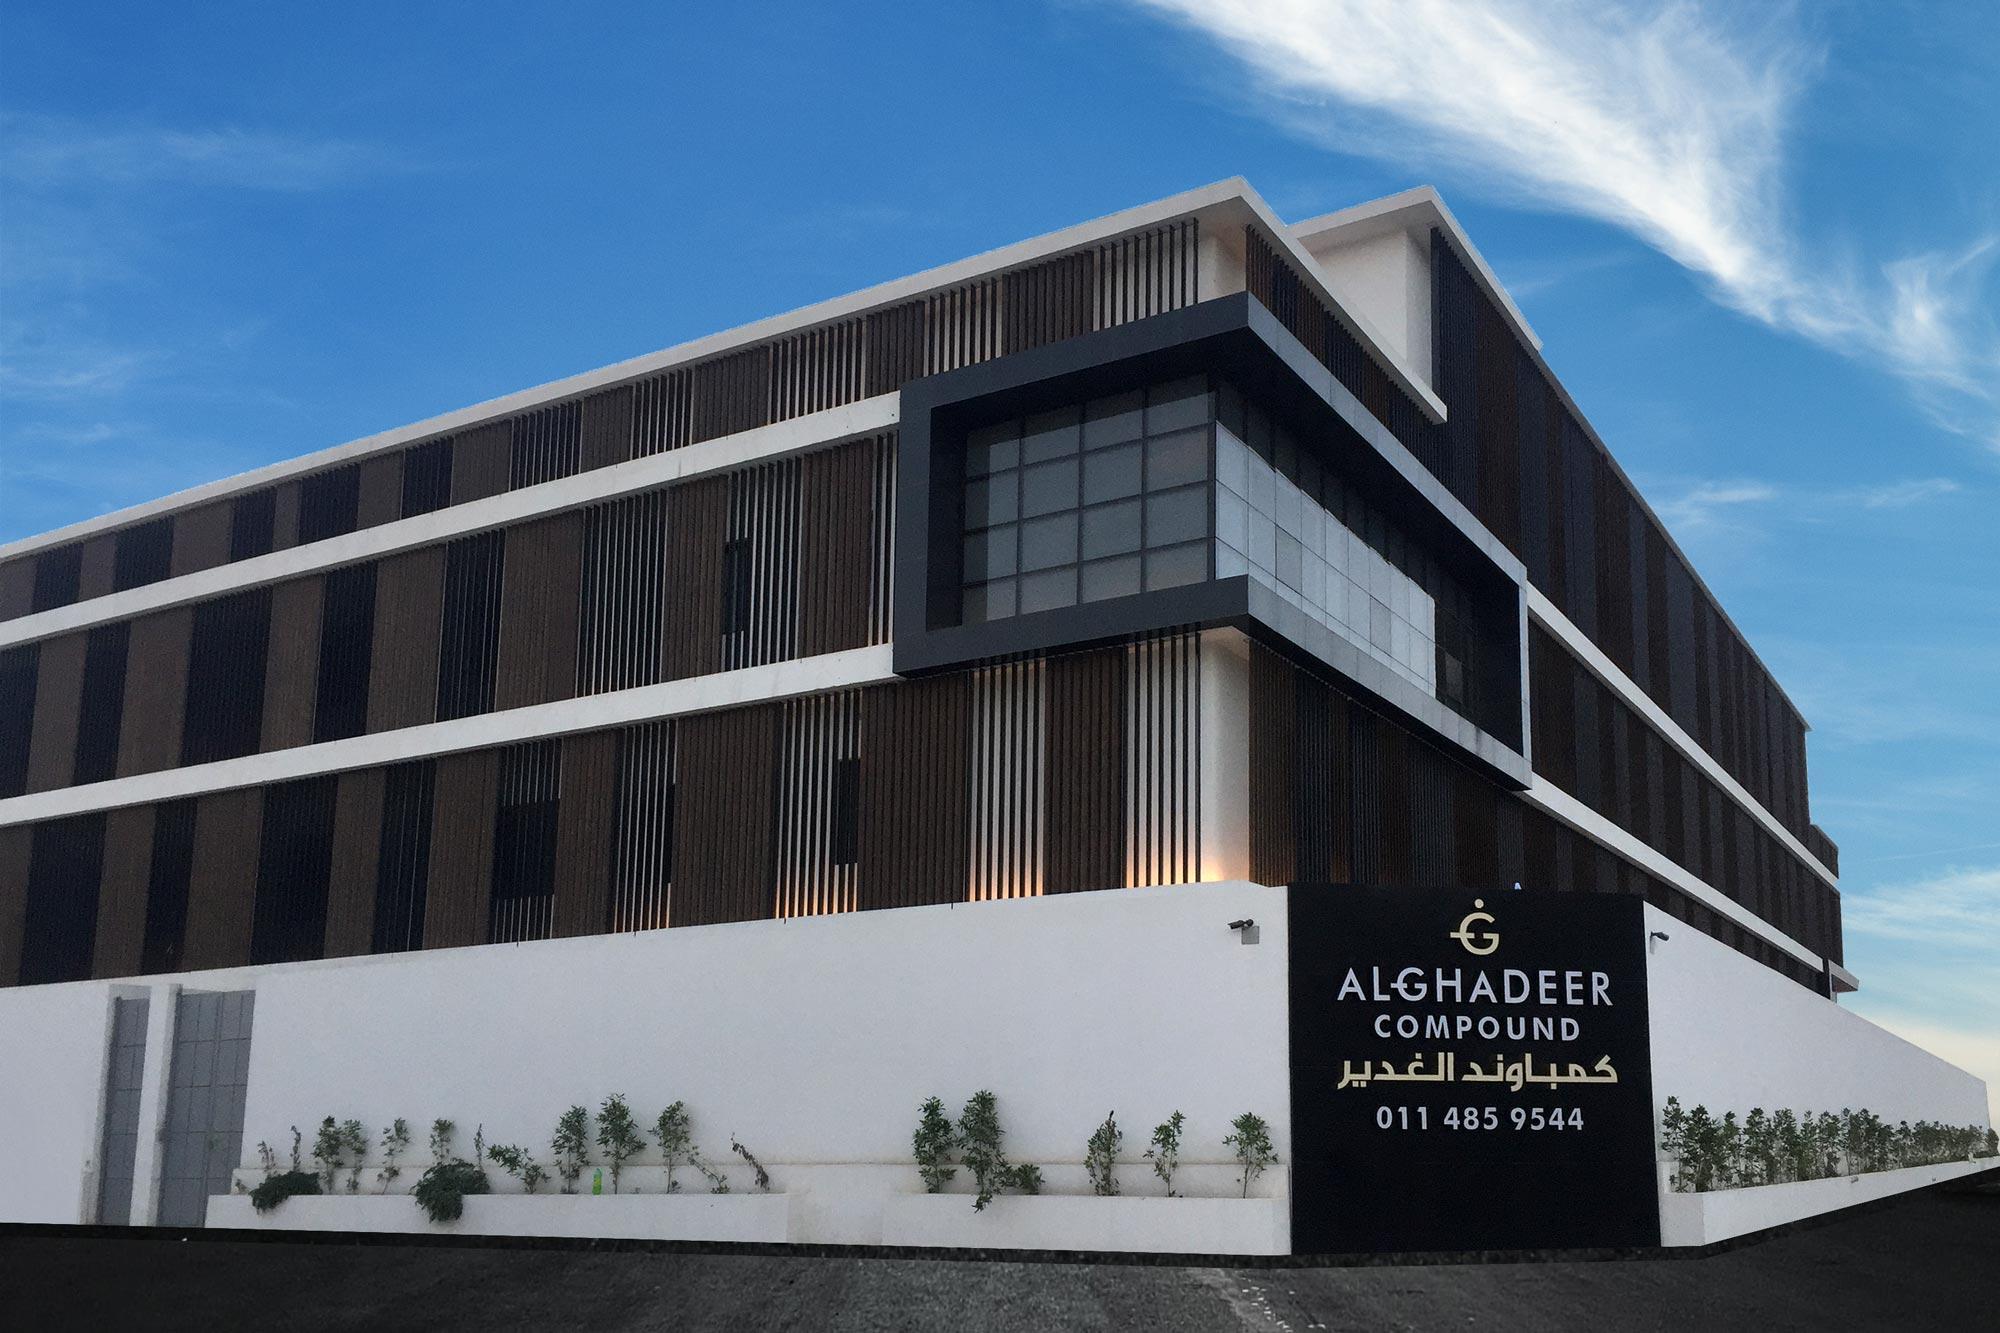 Alghadeer_Compound_Branding_q_Work_By_YaStudio